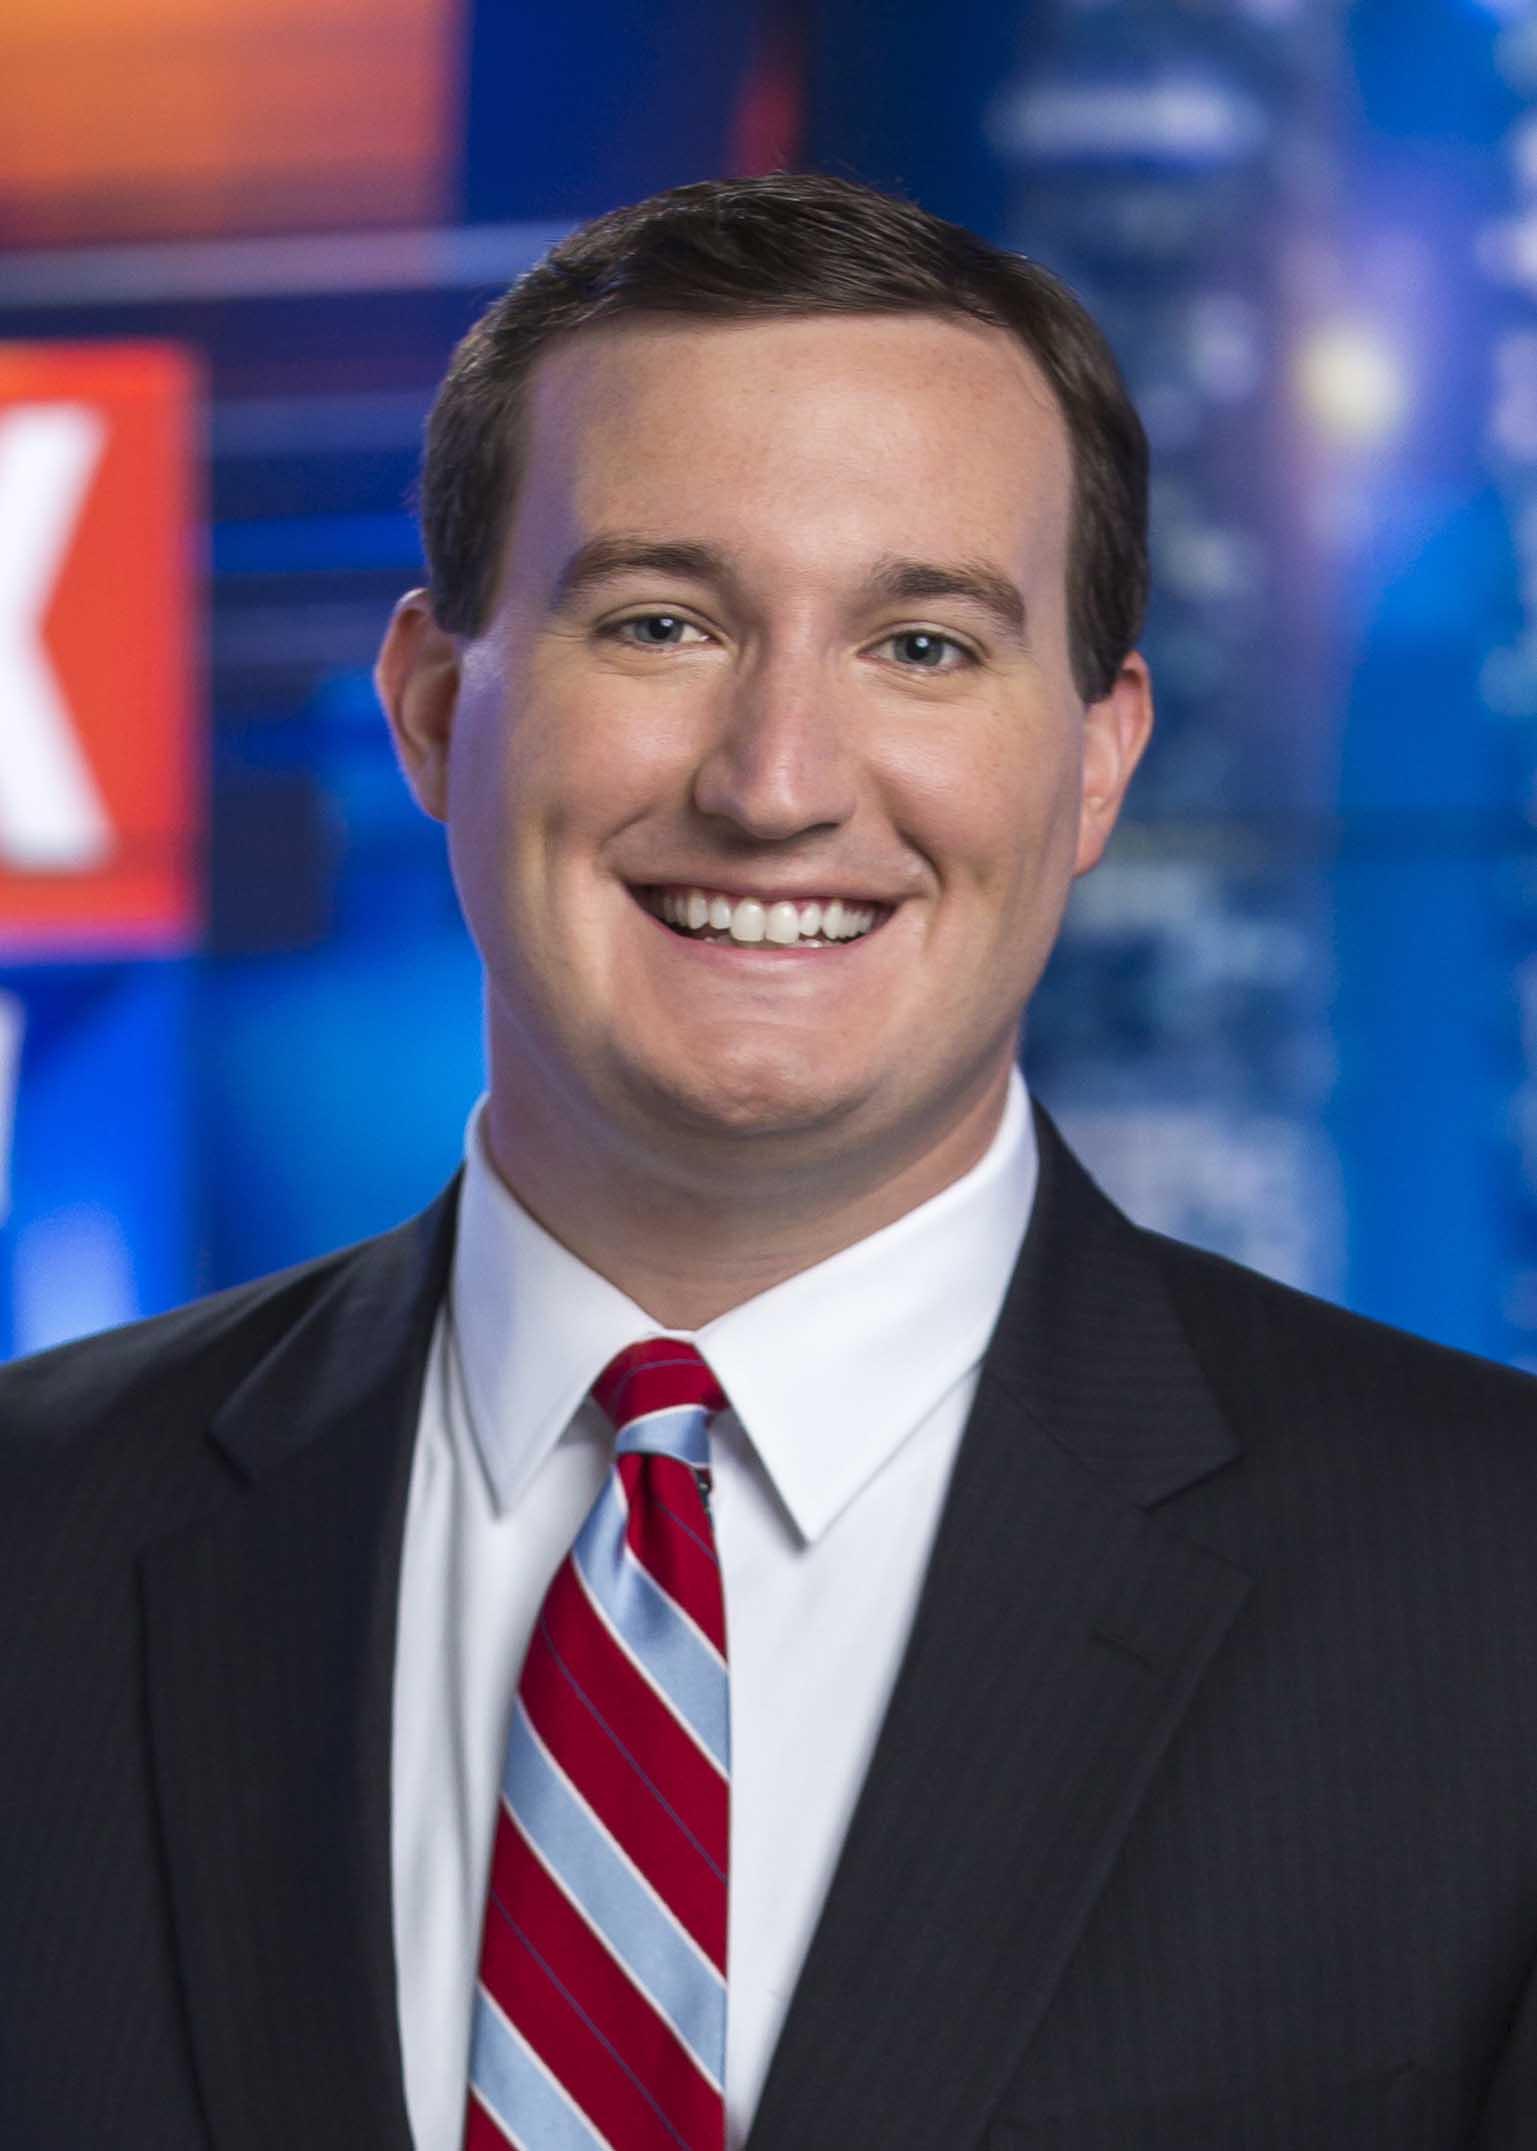 Cody Chaffins